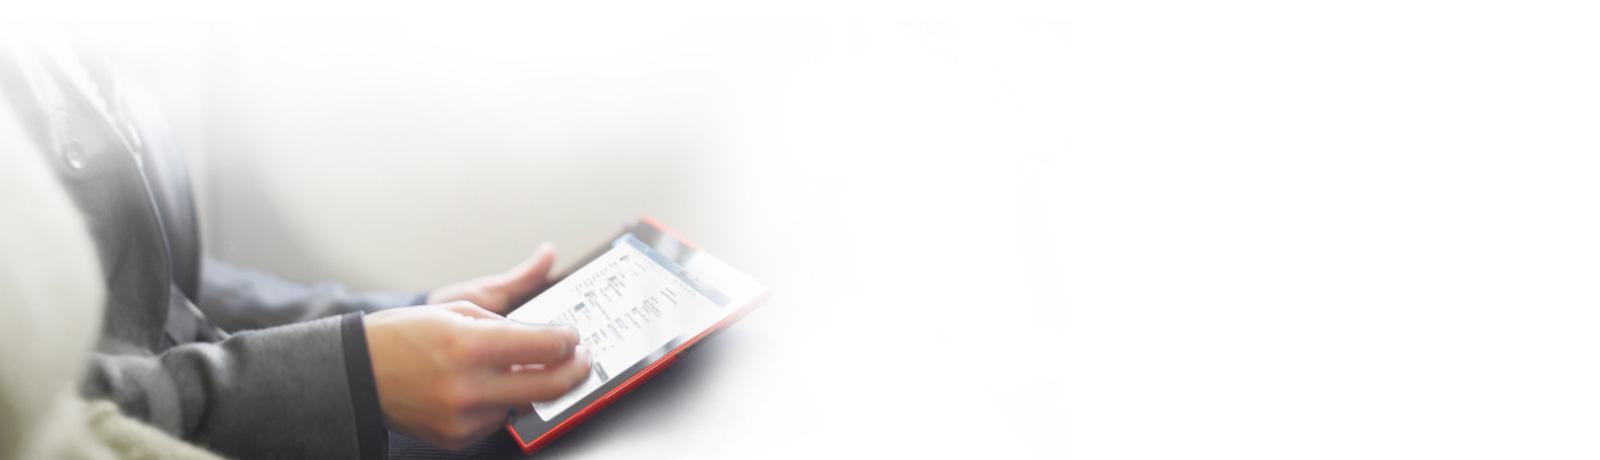 Primer plano de una persona sentada trabajando con una tableta que sostiene con la mano izquierda.